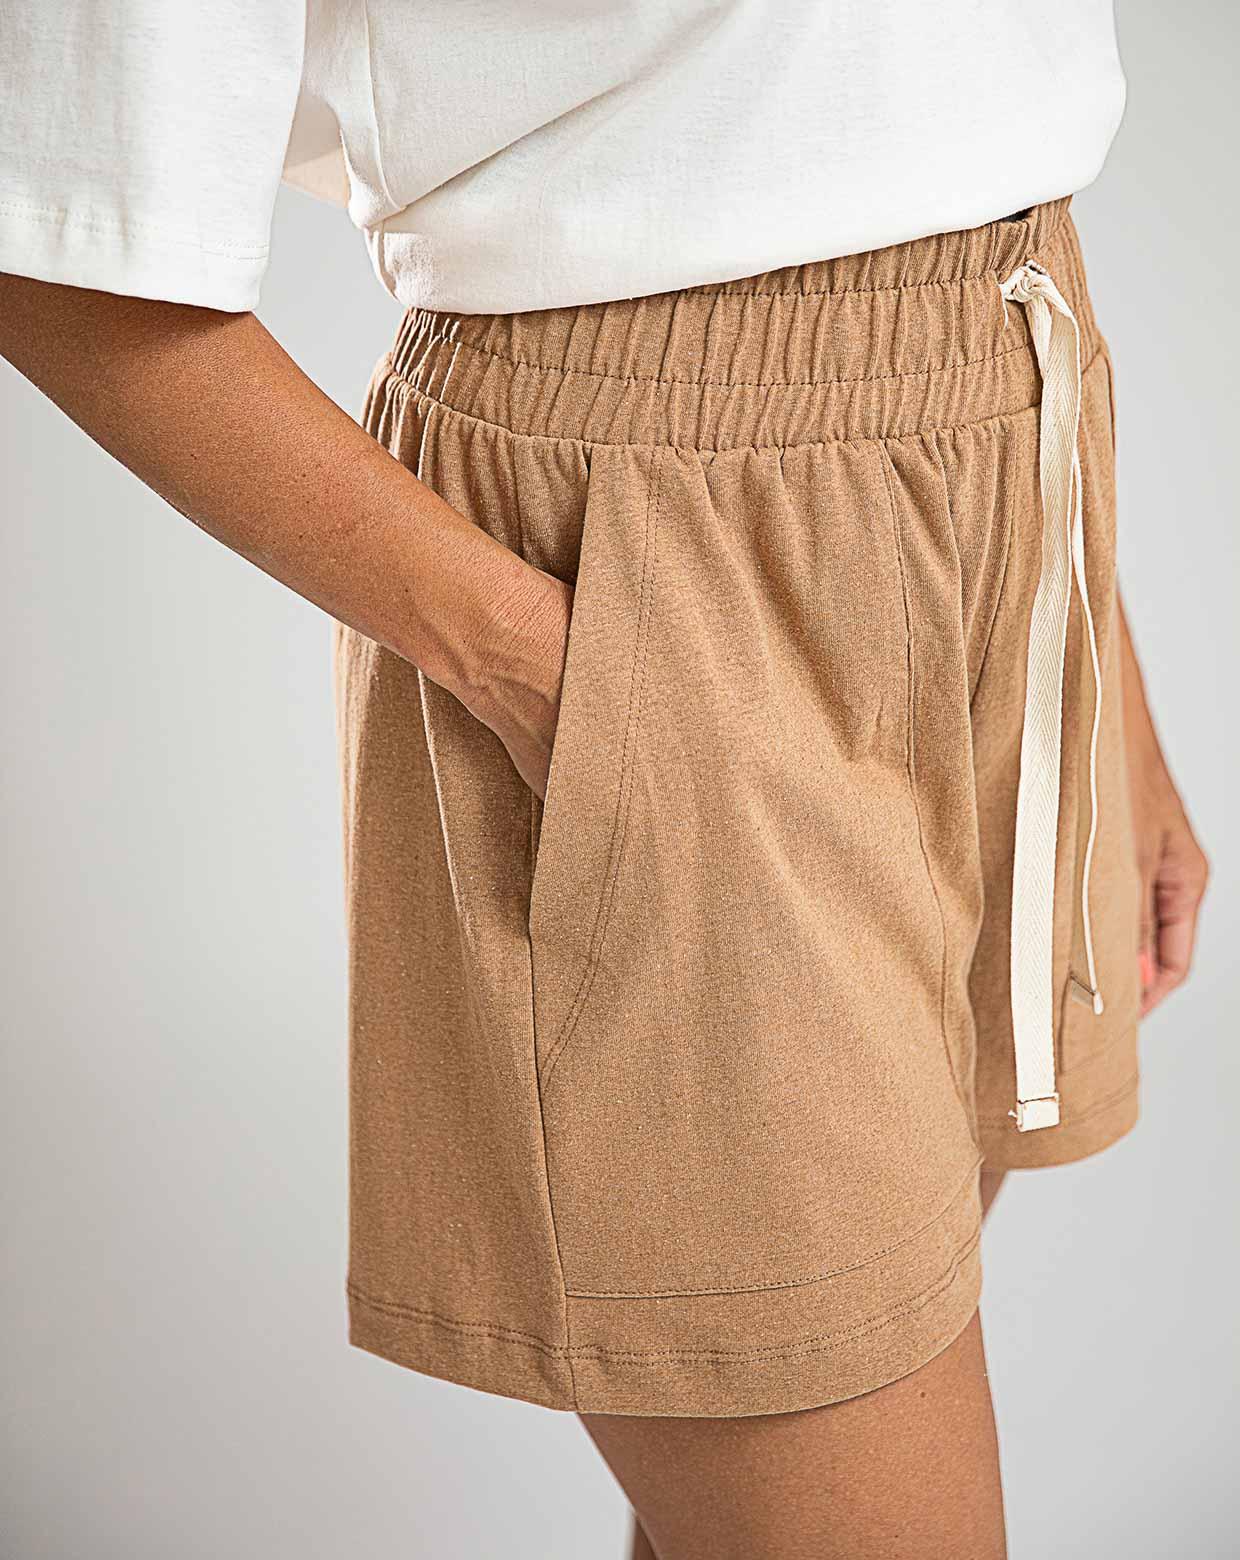 Shorts Pinheiro Casca - Algodão Orgânico